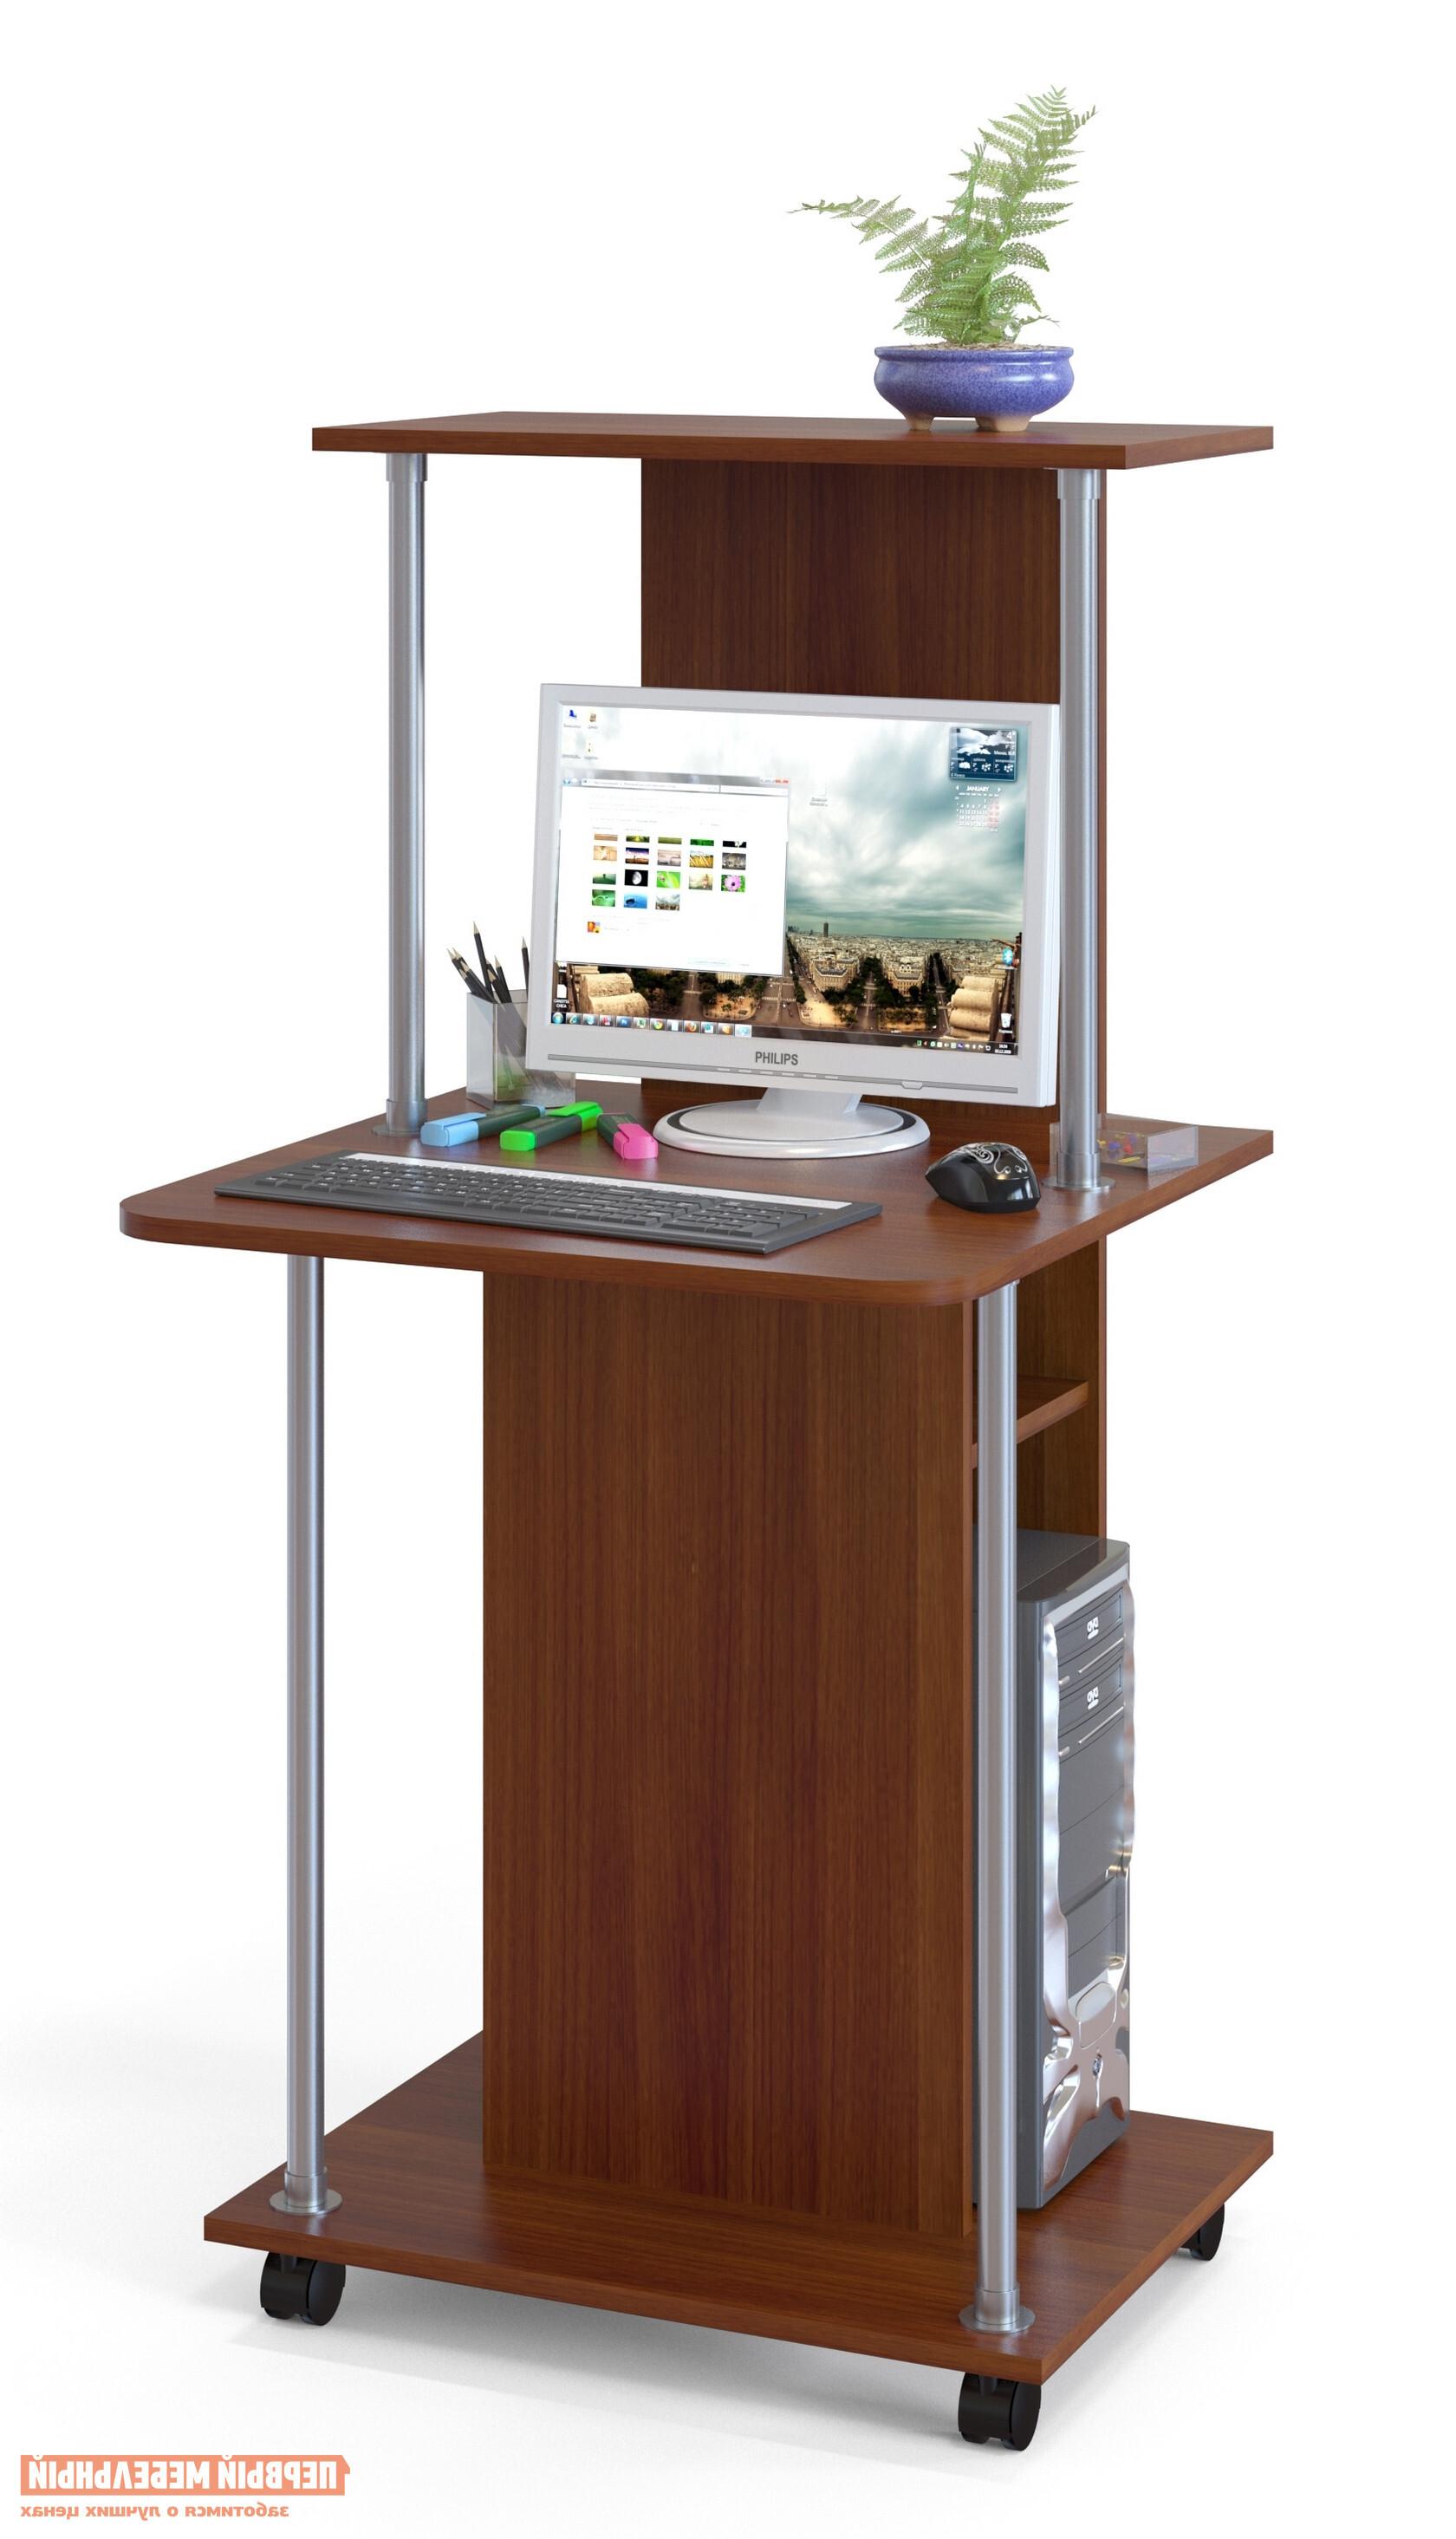 Компьютерный стол Сокол КСТ-12 Испанский орехКомпьютерные столы<br>Габаритные размеры ВхШхГ 1255x600x600 мм. Оригинальный компьютерный стол на колесиках.  За таким столом Вы можете работать как с ноутбуком, так и за стационарным компьютером.  За центральной стойкой предусмотрено место для системного блока. Высота от столешницы до верхней полочки — 476 мм. Высота от полочки над системным блоком до столешницы — 166 мм. Высота проема под системный блок — 500 мм, ширина проема — 238 мм. Проем под монитор позволяет разместить экран с диагональю до 20. Изделие выполнено из ЛДСП толщиной 16 мм, края обработаны кромкой ПВХ 2 и 0,4 мм.  Рекомендуем сохранить инструкцию по сборке (паспорт изделия) до истечения гарантийного срока.<br><br>Цвет: Красное дерево<br>Высота мм: 1255<br>Ширина мм: 600<br>Глубина мм: 600<br>Кол-во упаковок: 1<br>Форма поставки: В разобранном виде<br>Срок гарантии: 2 года<br>Тип: Прямые<br>Материал: Дерево<br>Материал: ЛДСП<br>Размер: Маленькие<br>Размер: Ширина 60 см<br>С надстройкой: Да<br>На колесиках: Да<br>С полками: Да